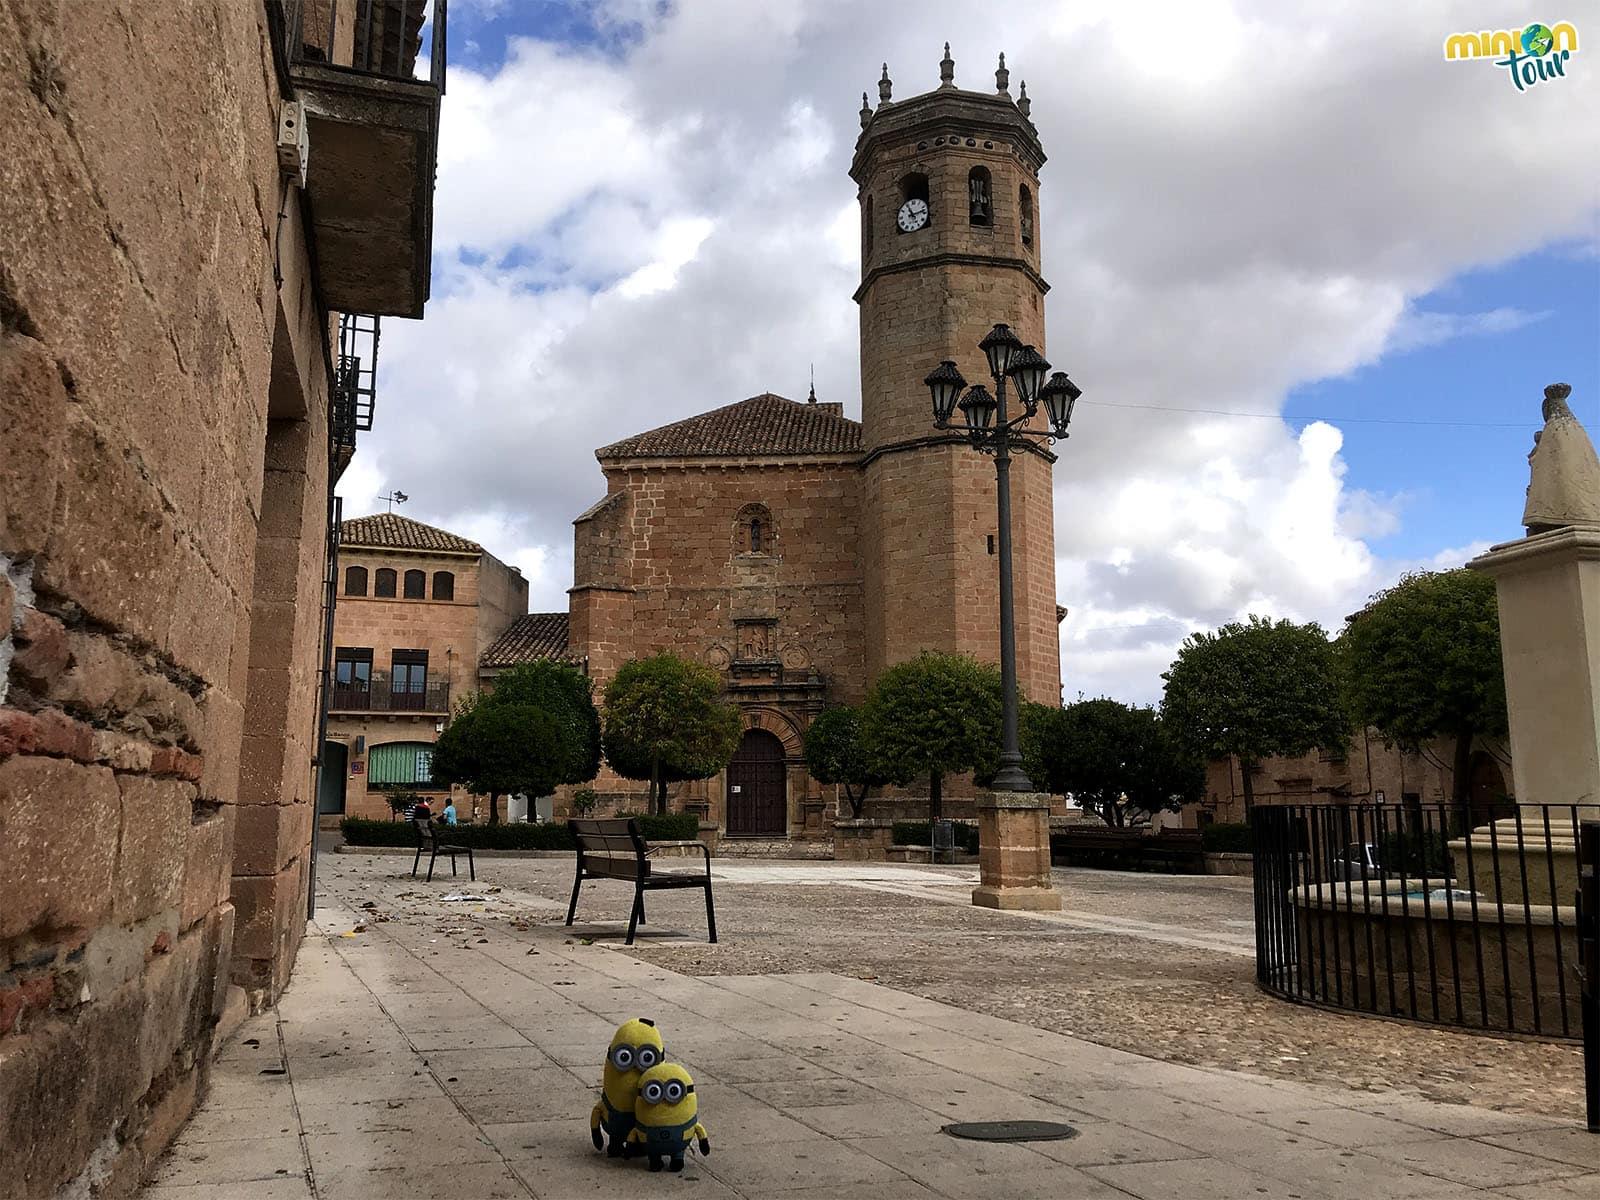 La Plaza Mayor de Baños de la Encina